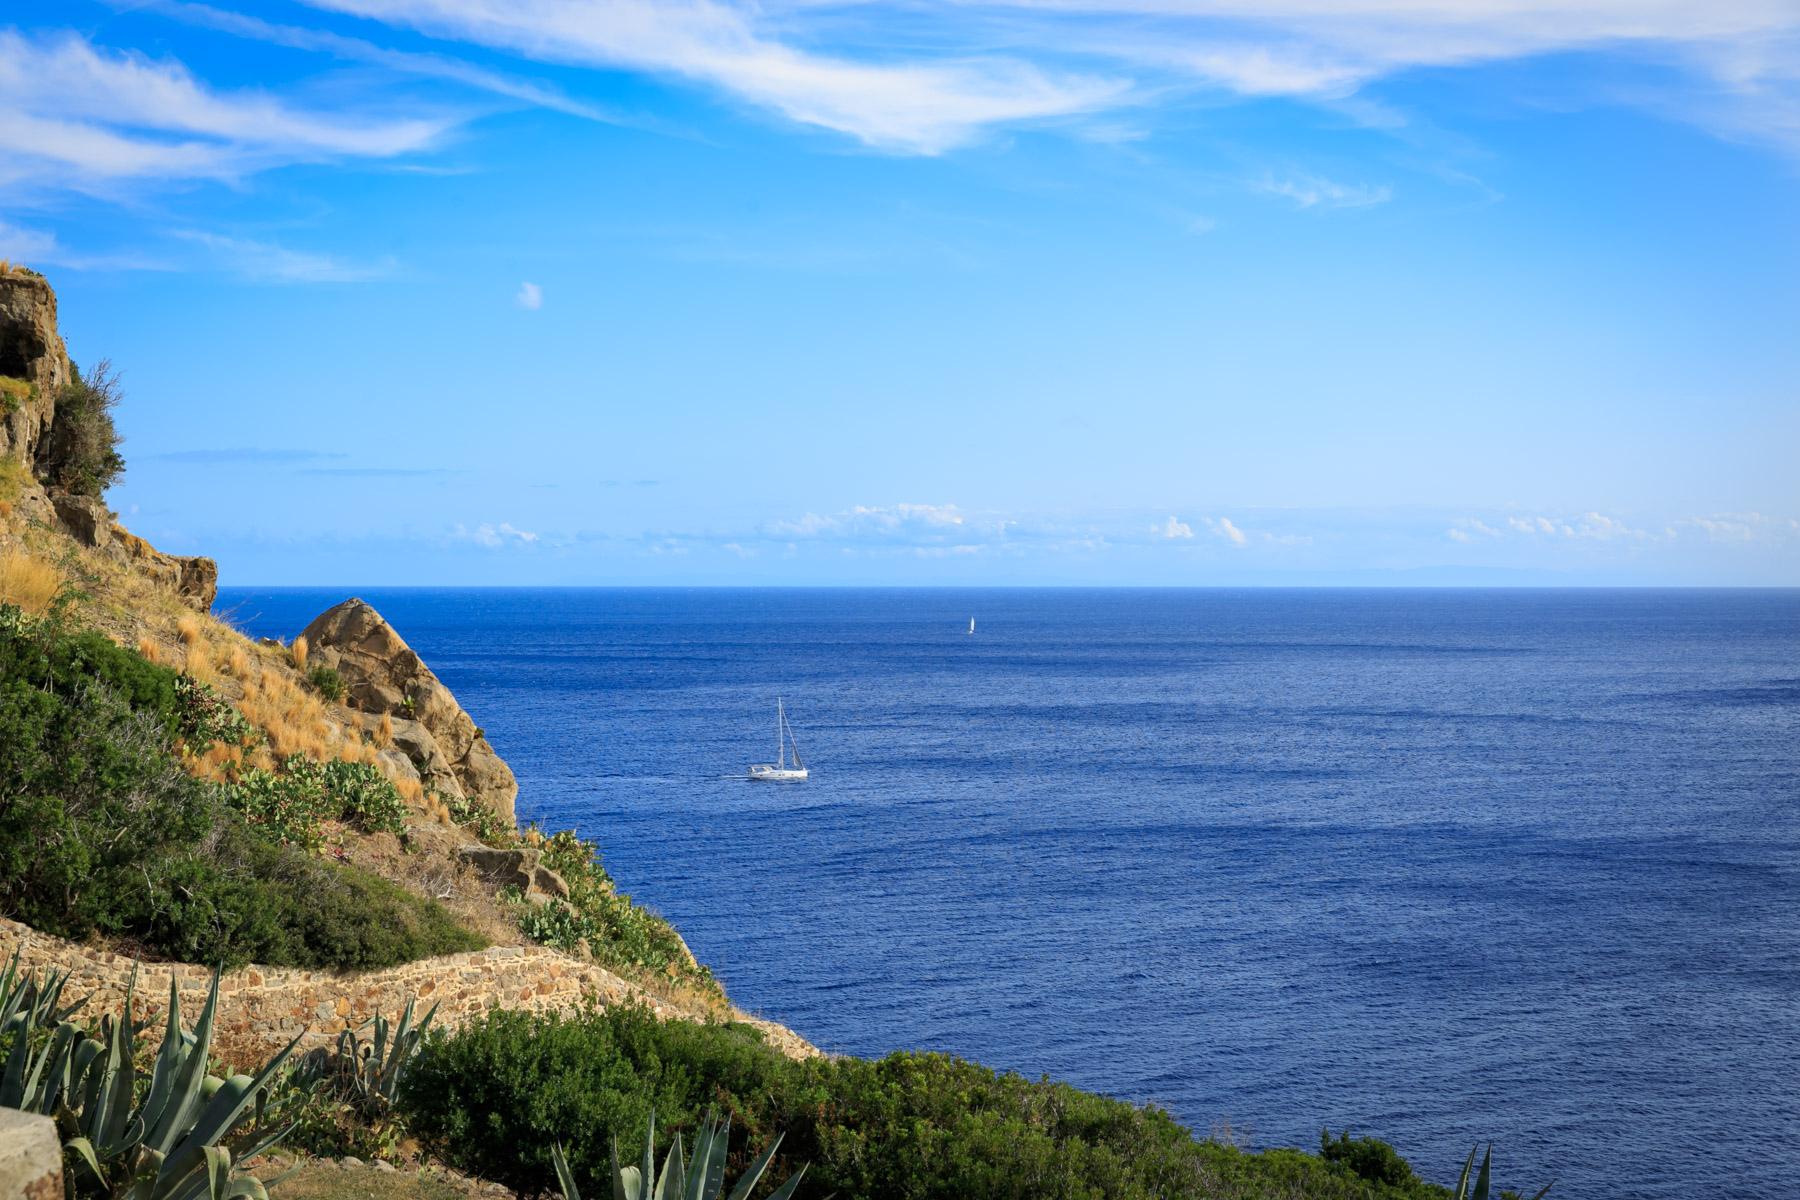 Villa in Vendita a Capraia Isola: 5 locali, 320 mq - Foto 27